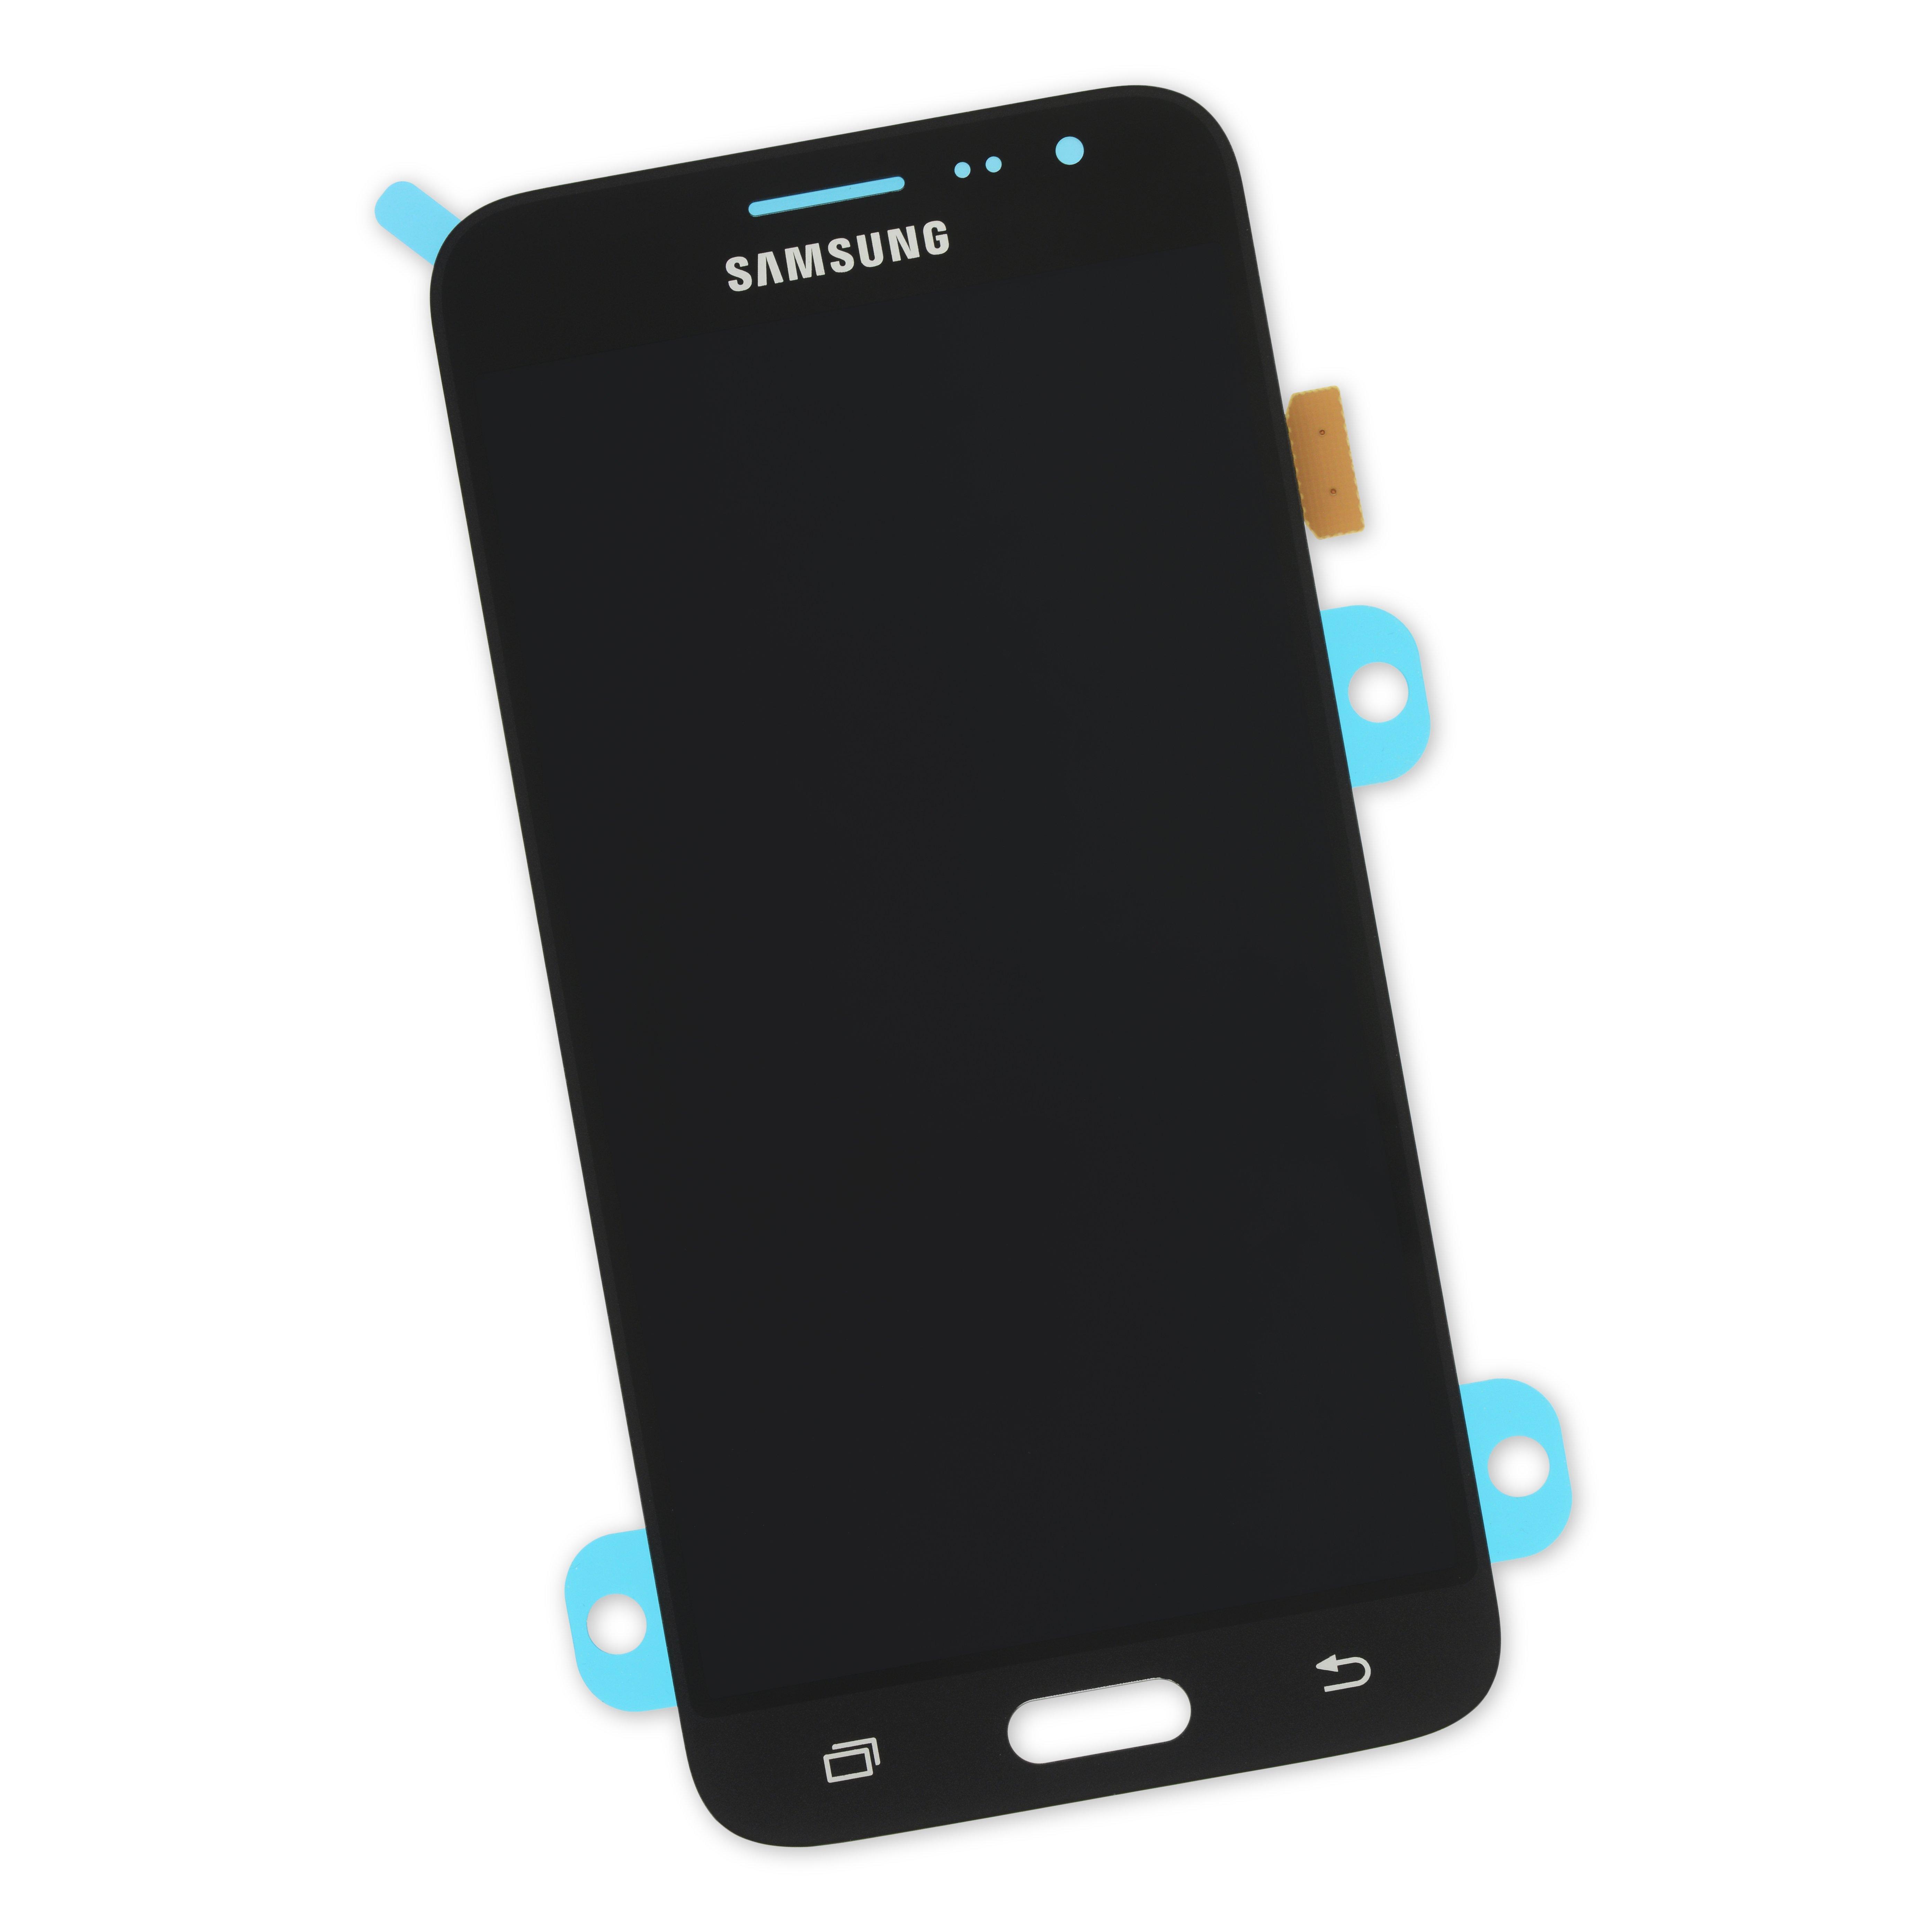 Immagine Galaxy J3 (2016) Screen